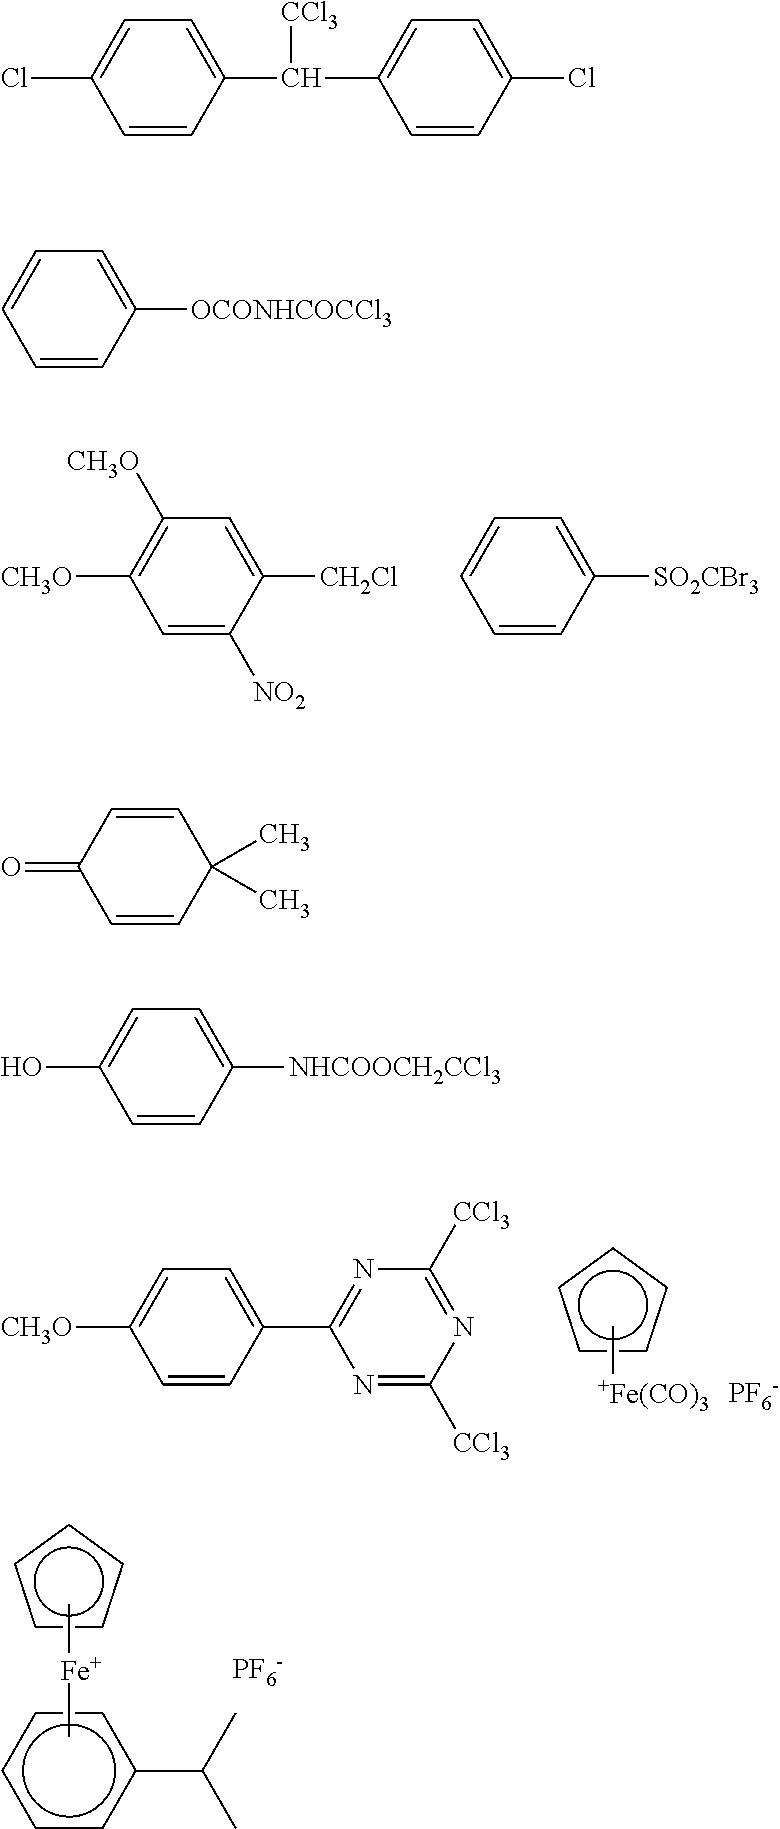 Figure US20110165387A1-20110707-C00006